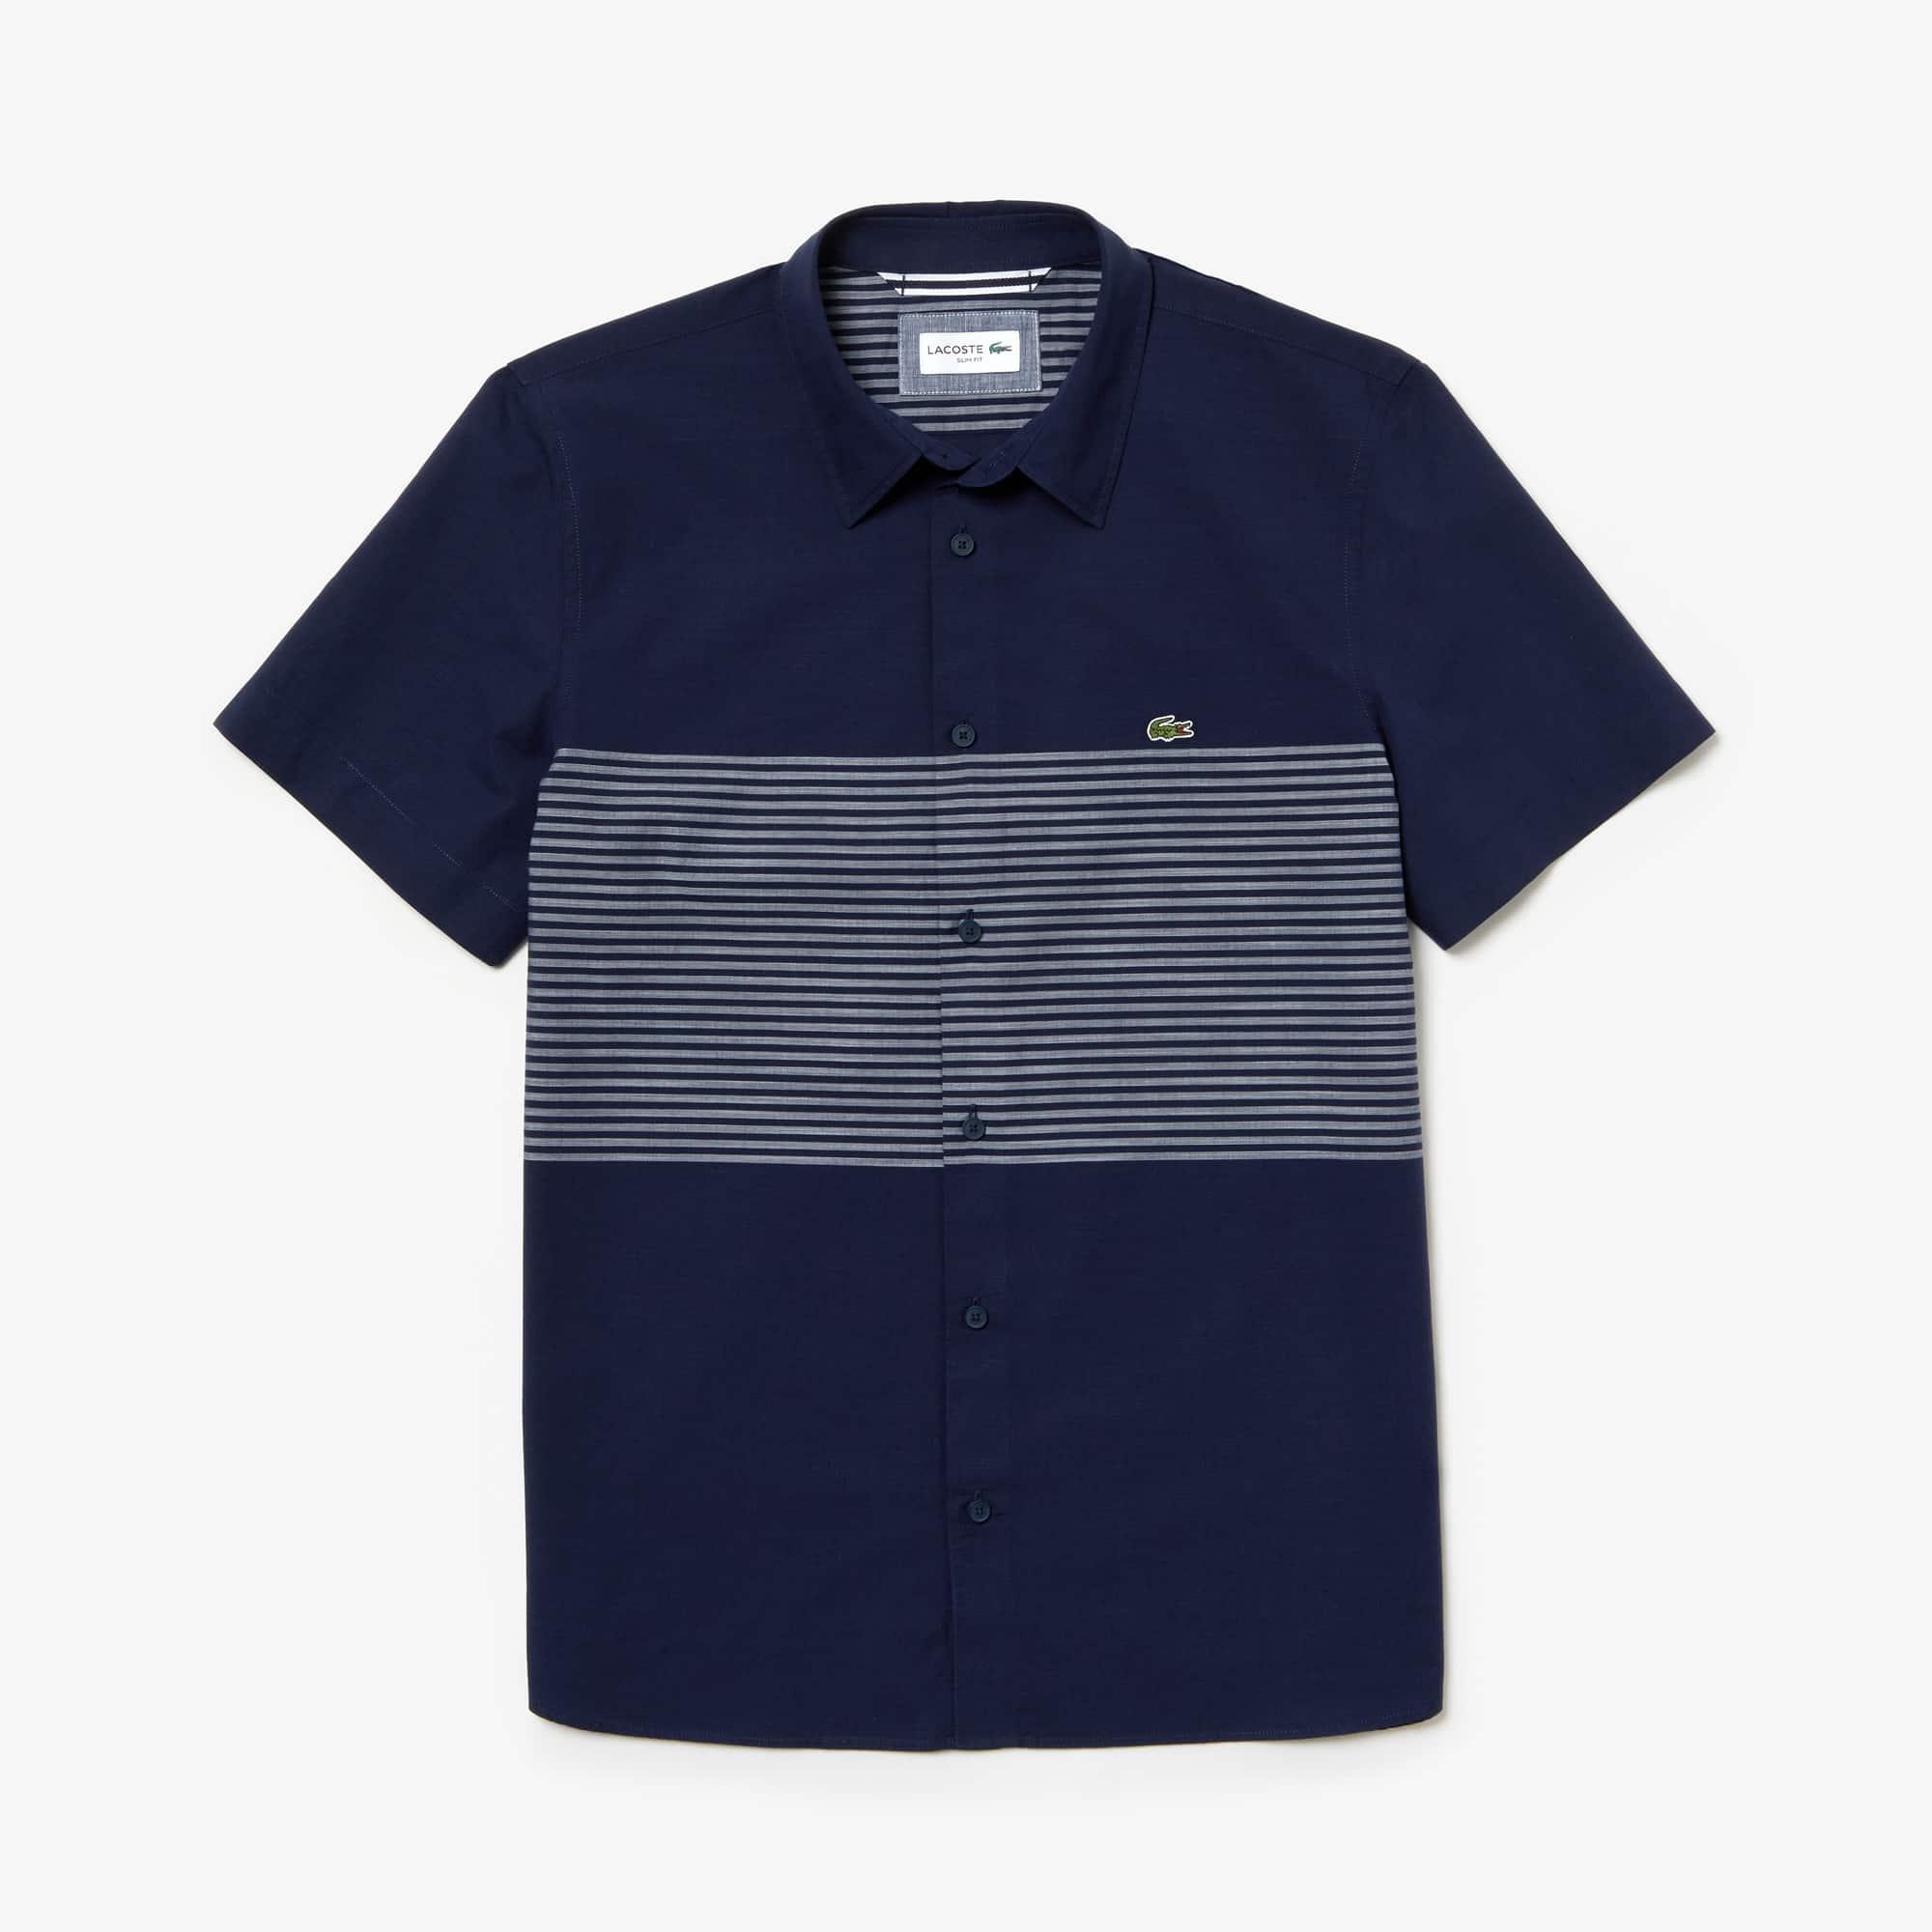 라코스테 Lacoste Mens Slim Fit Striped Cotton Poplin Shirt,navy blue / white